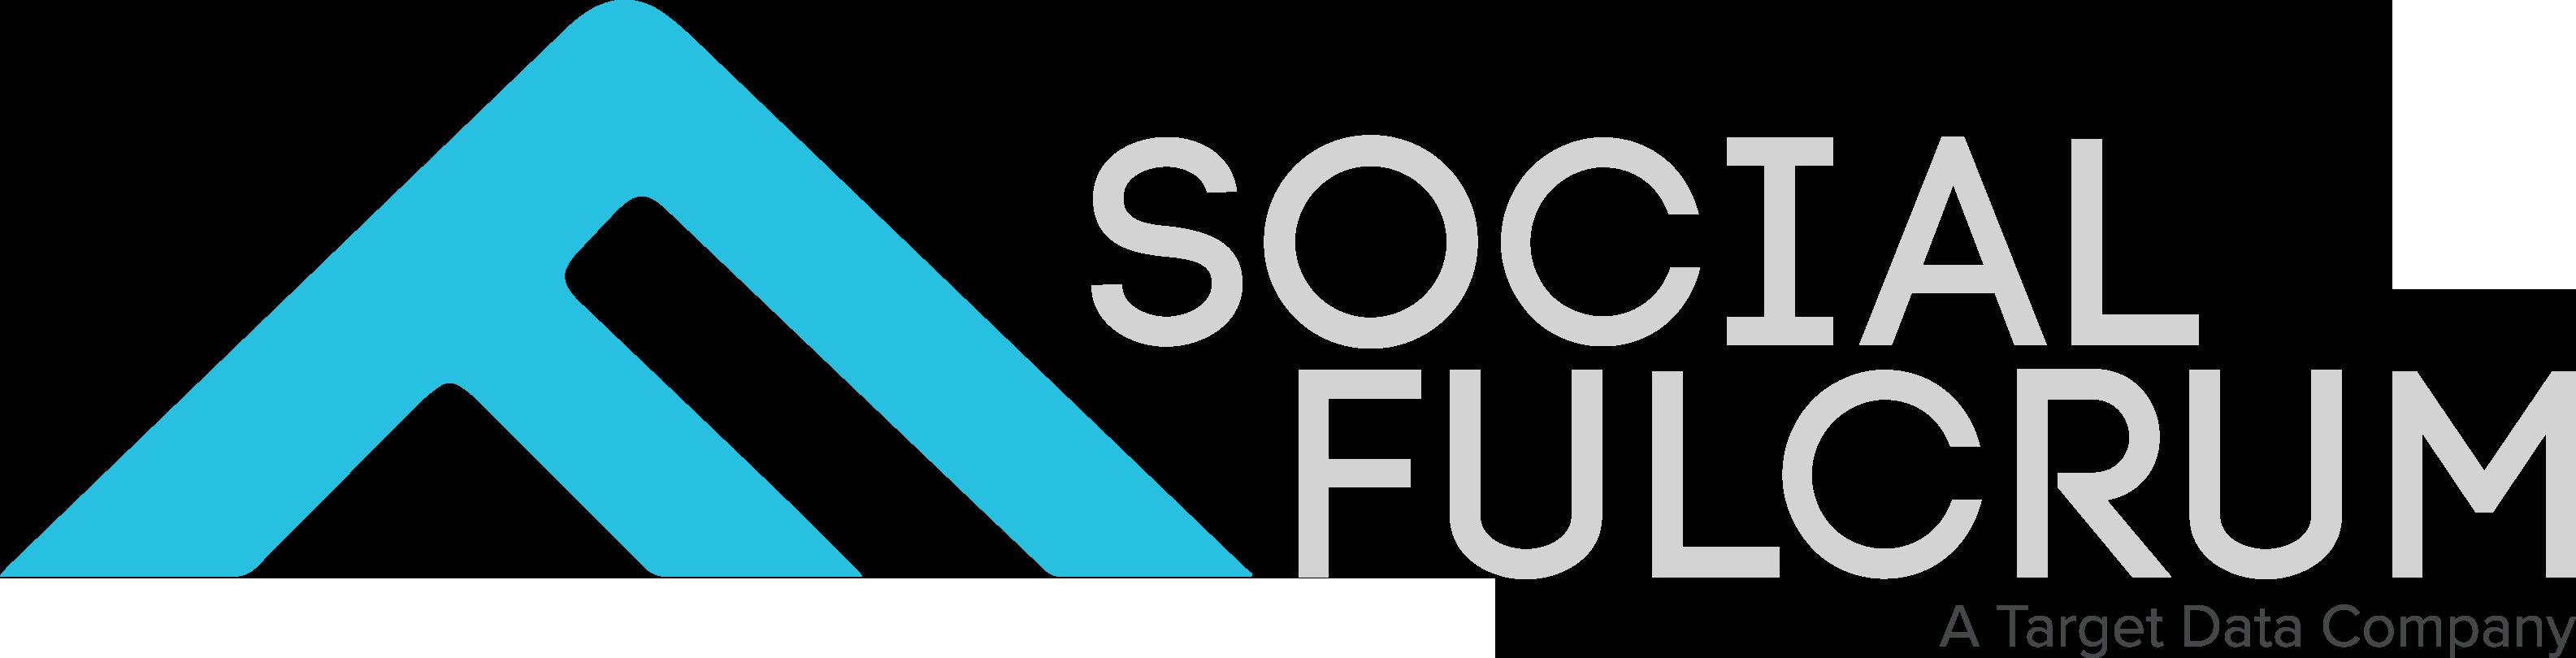 Social Fulcrum